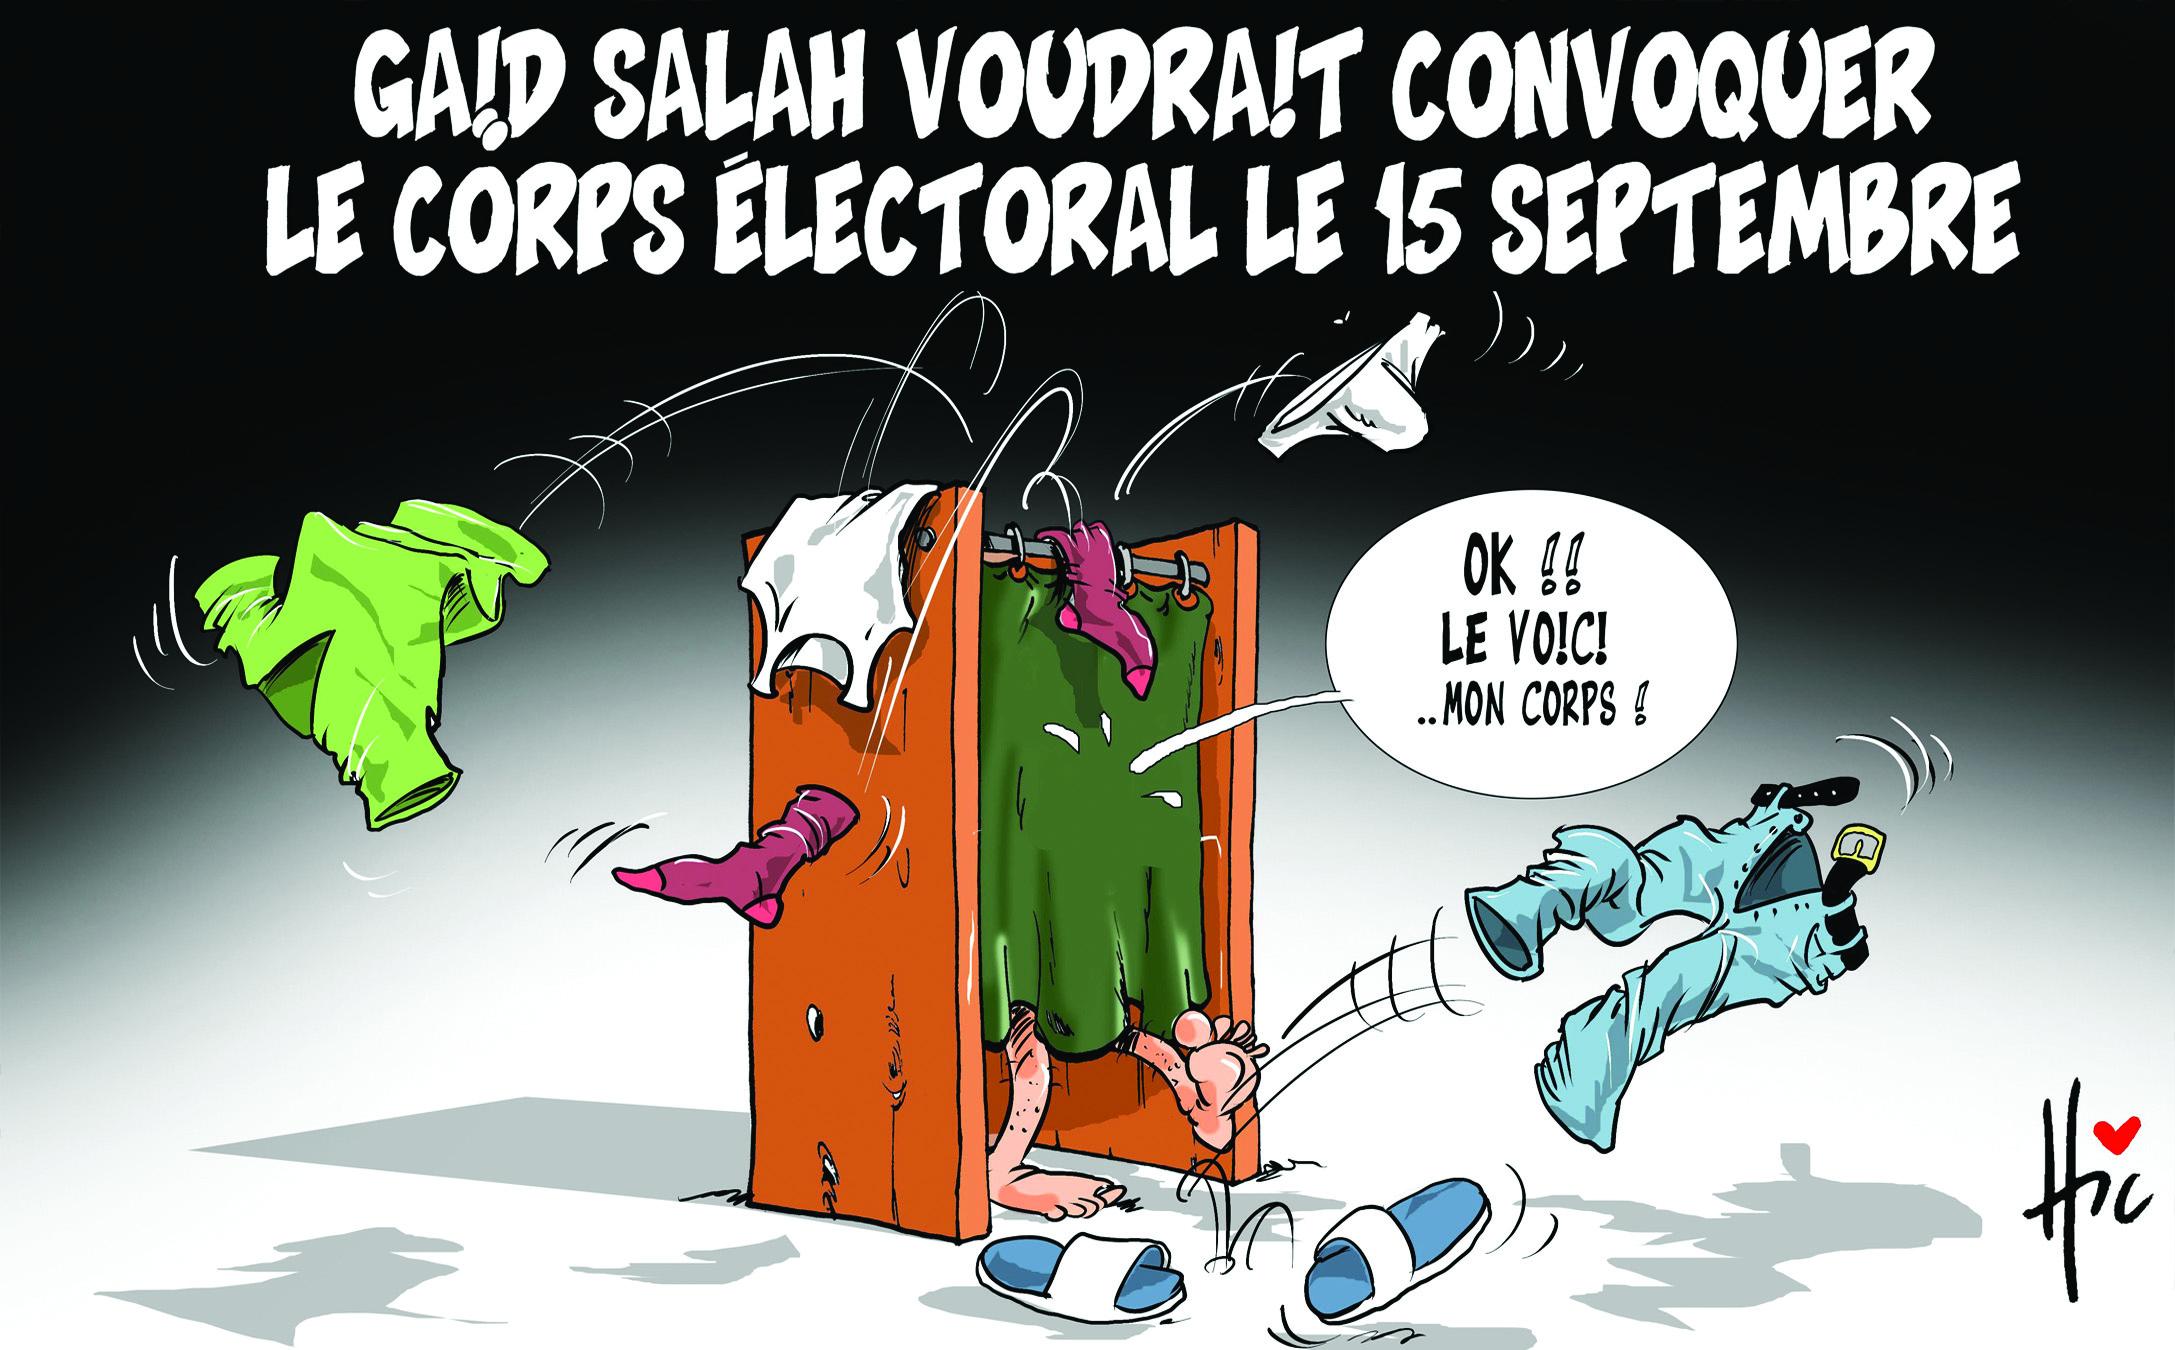 Gaid Salah voudrait convoquer le corps électoral le 15 septembre - Dessins et Caricatures, Le Hic - El Watan - Gagdz.com